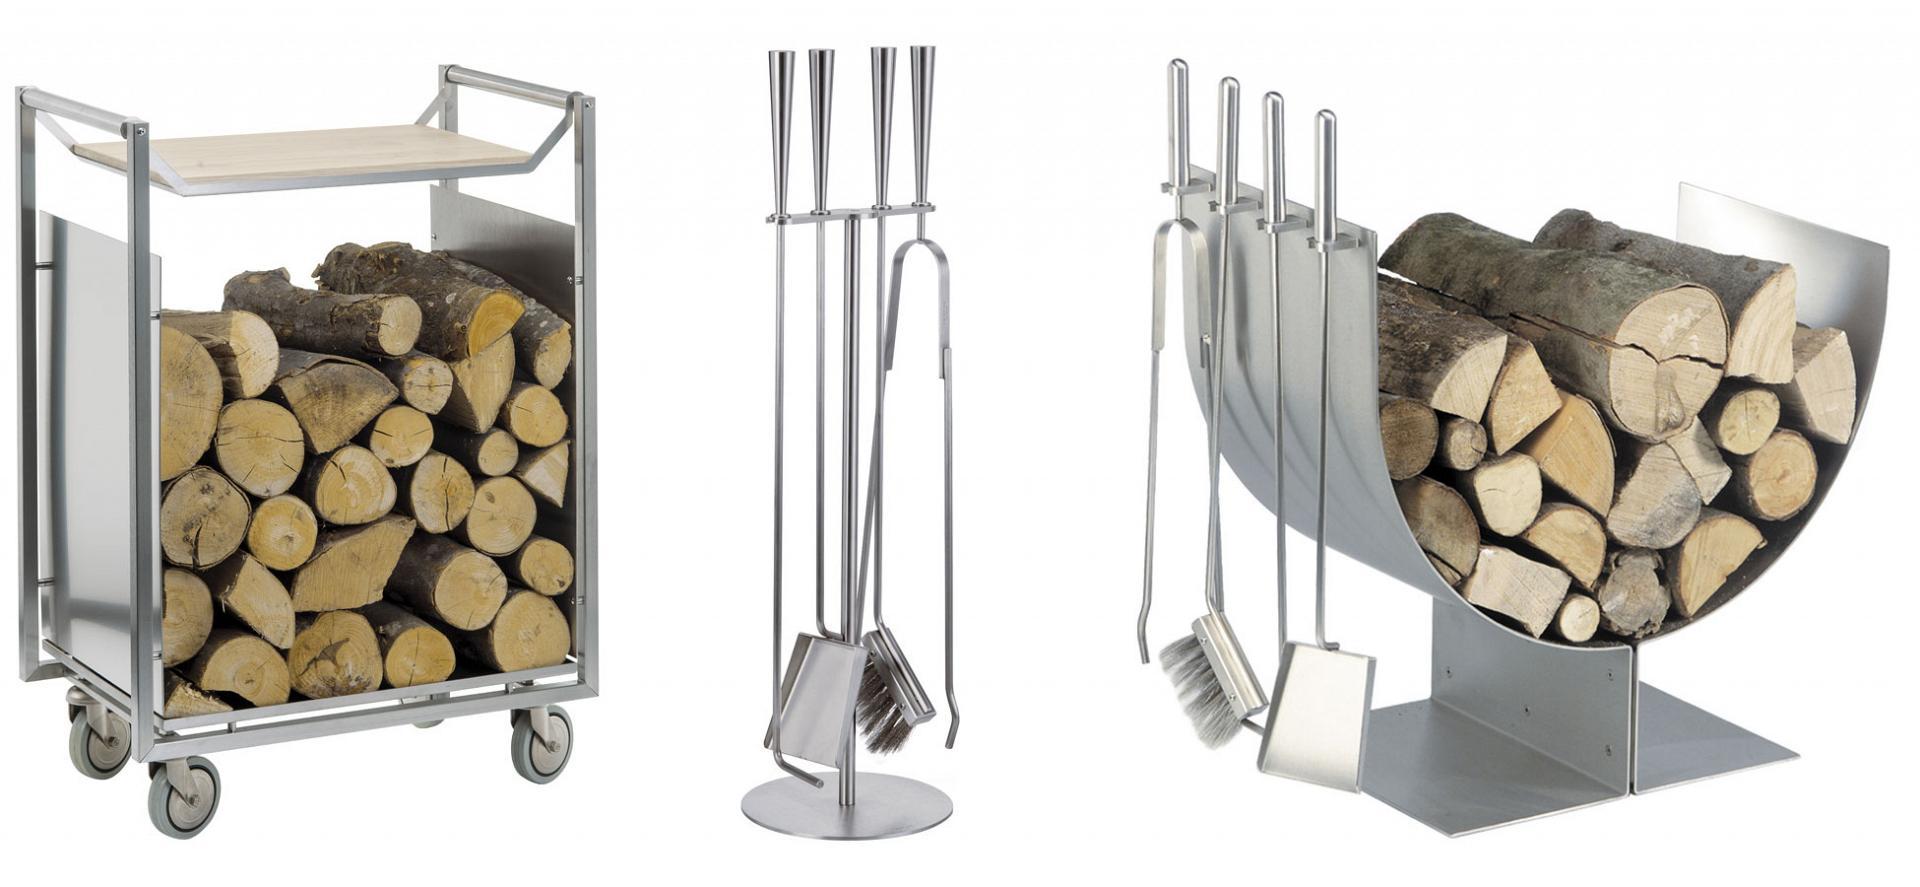 Produzione accessori per caminetto